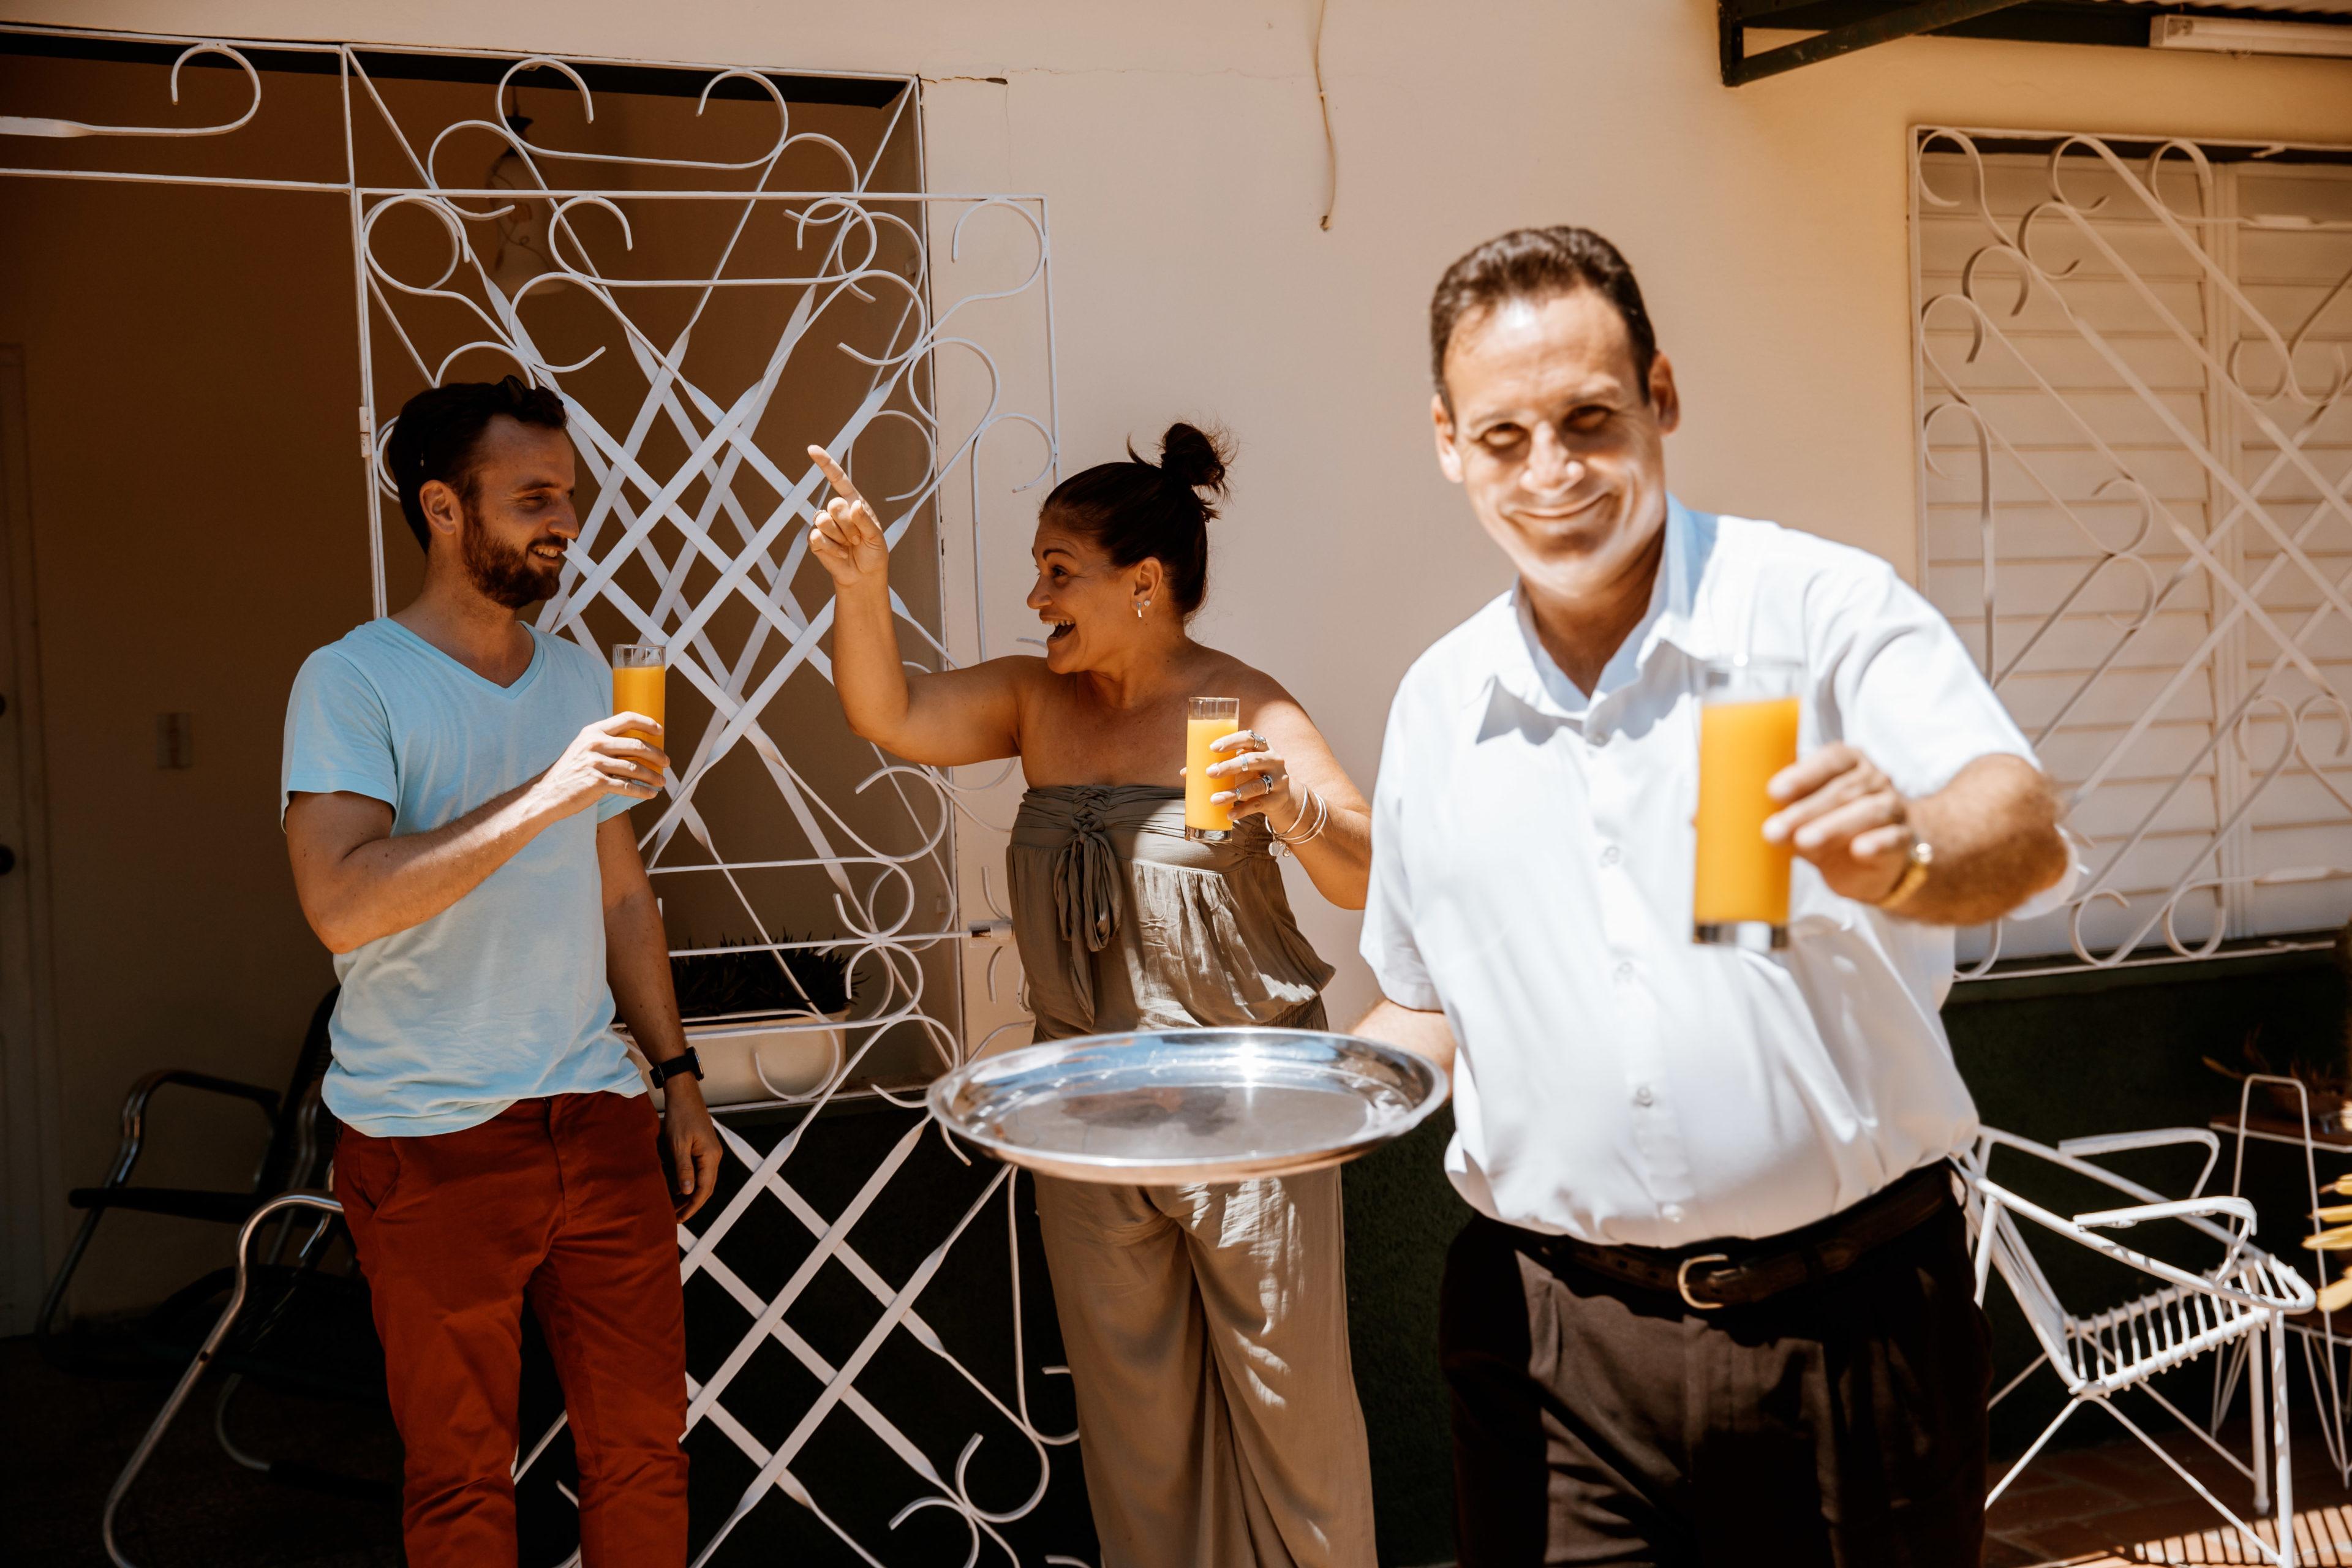 Die Gastgeber begrüßen Ihren Gast in Kuba